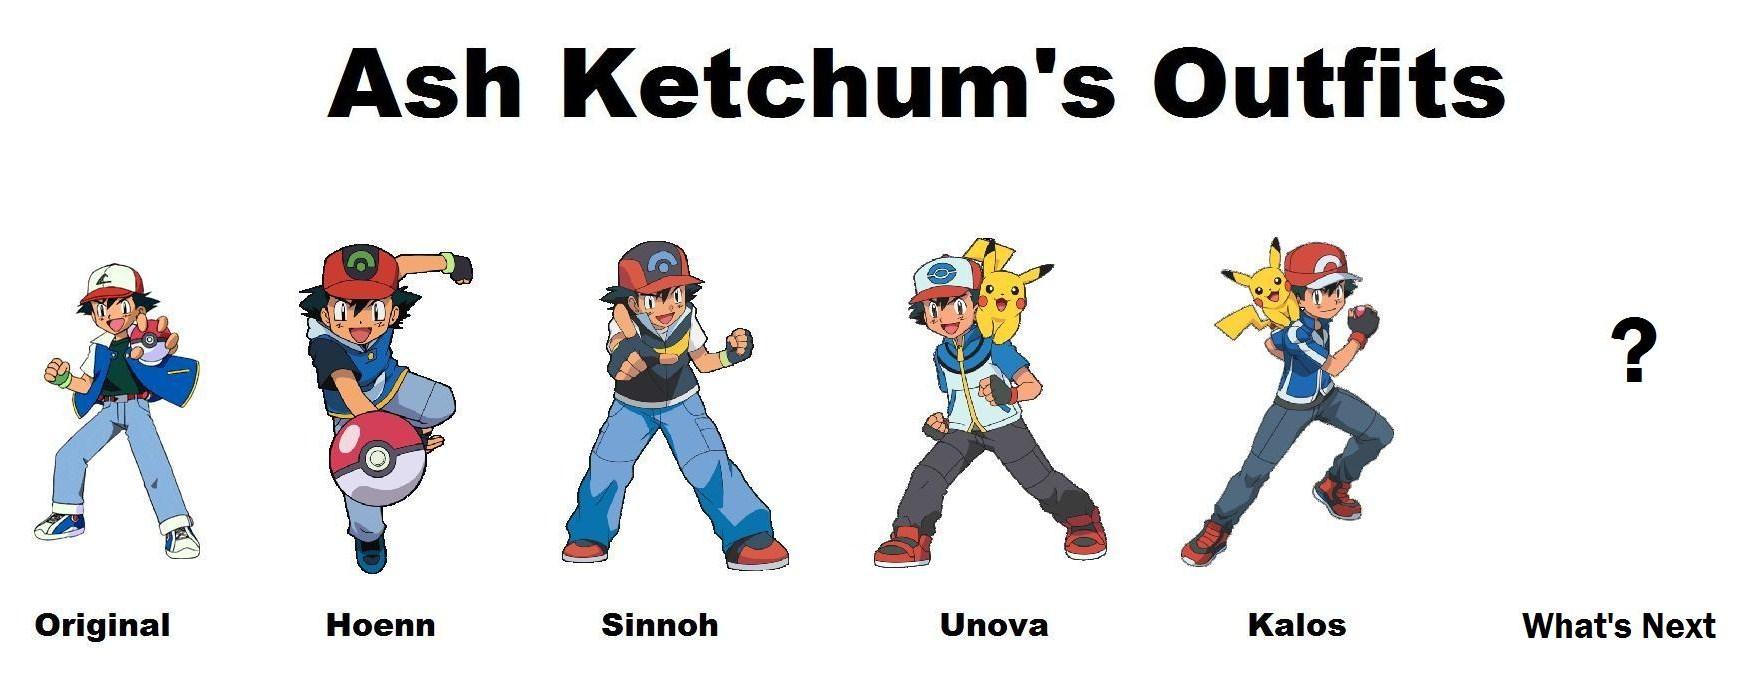 Ash Ketchen's outfits